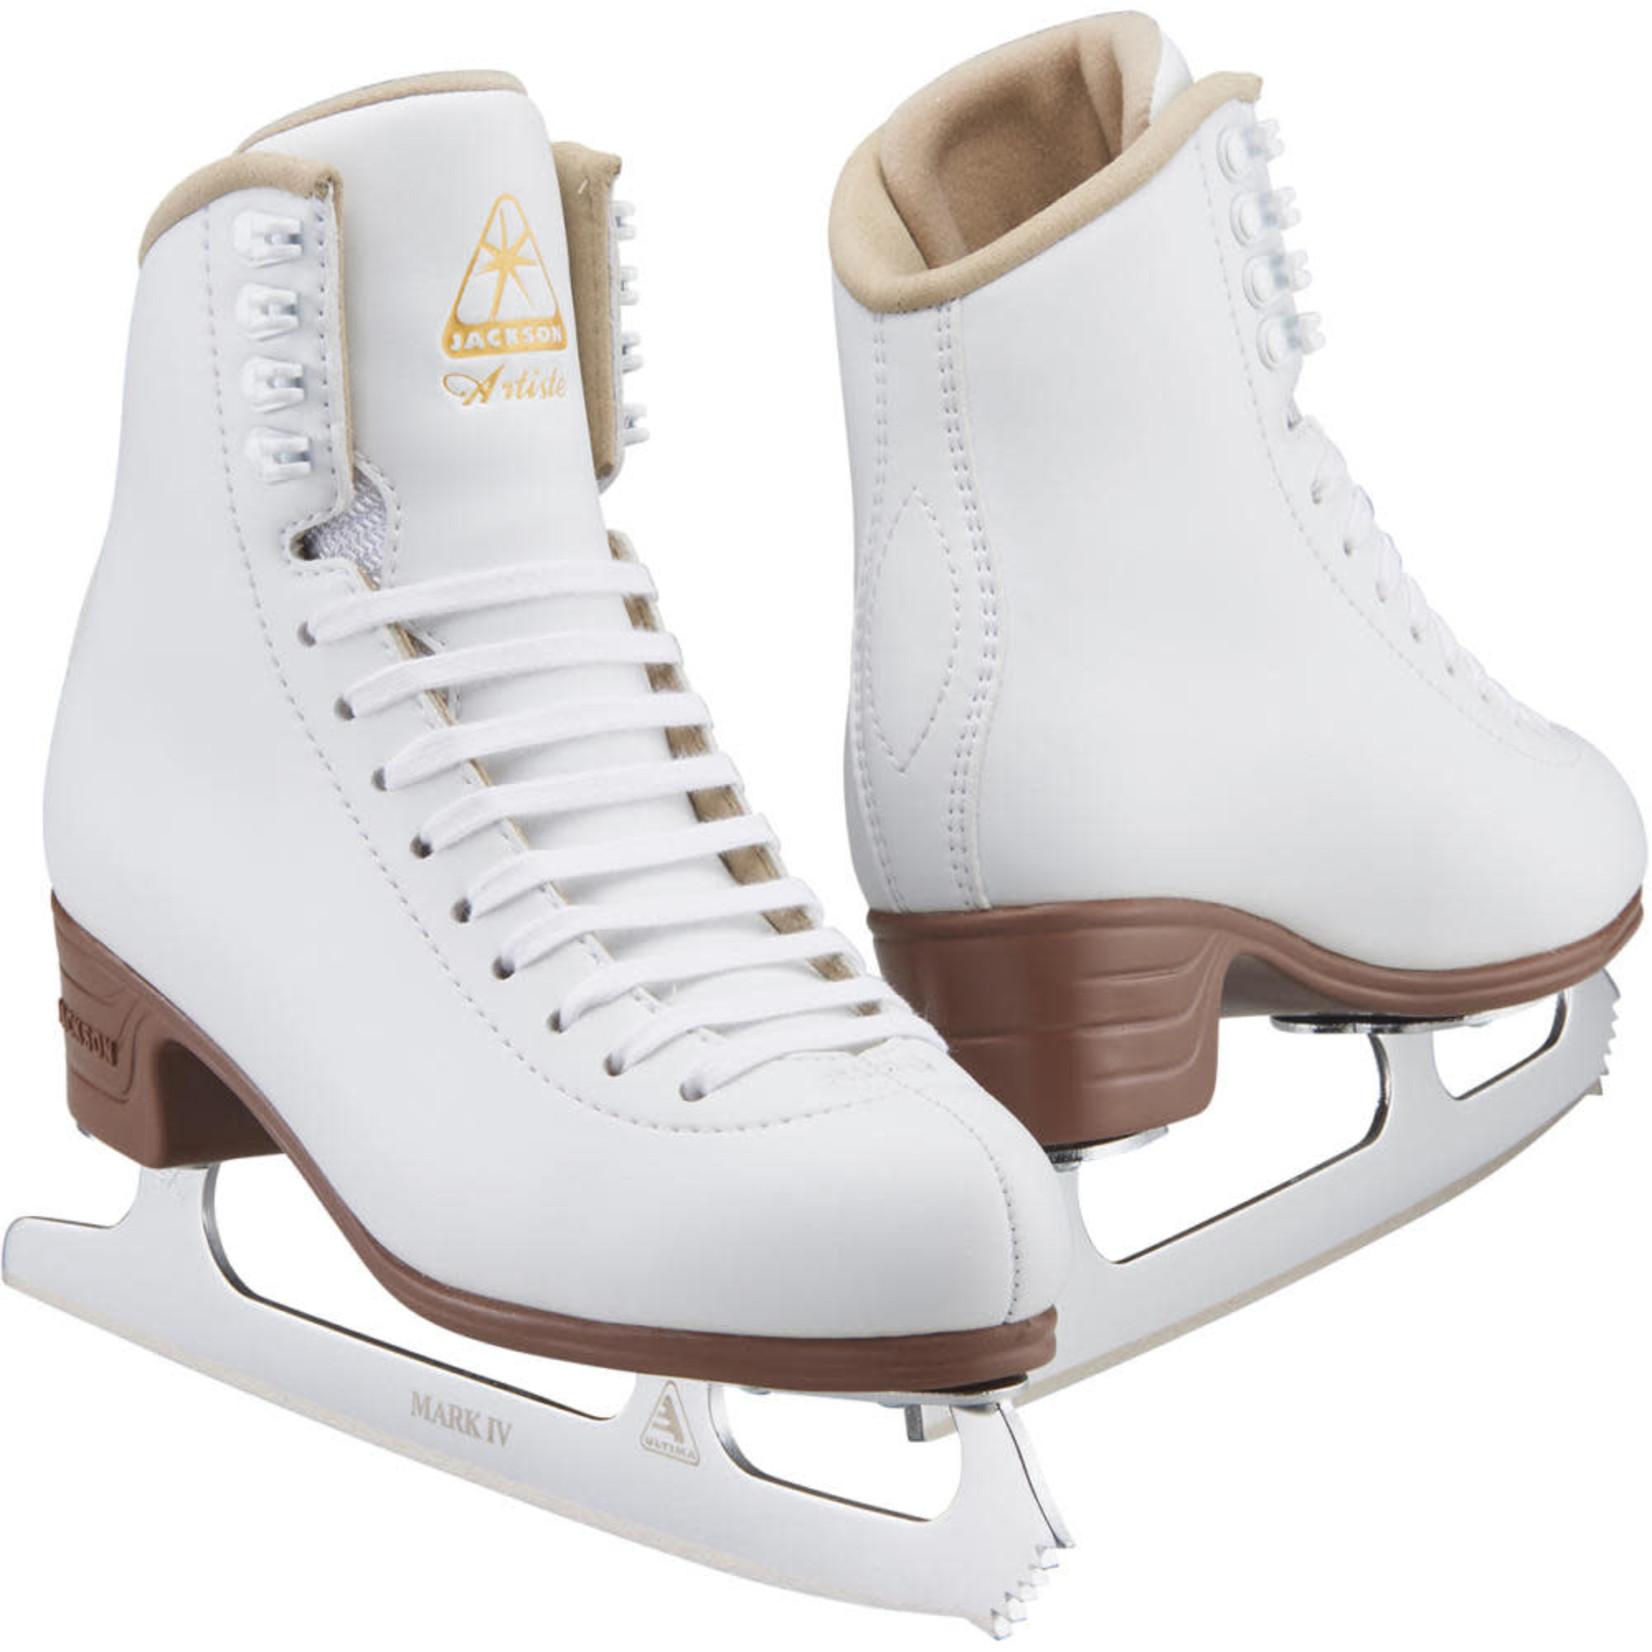 Jackson Jackson Figure Skates, Artiste JS1790, Ladies